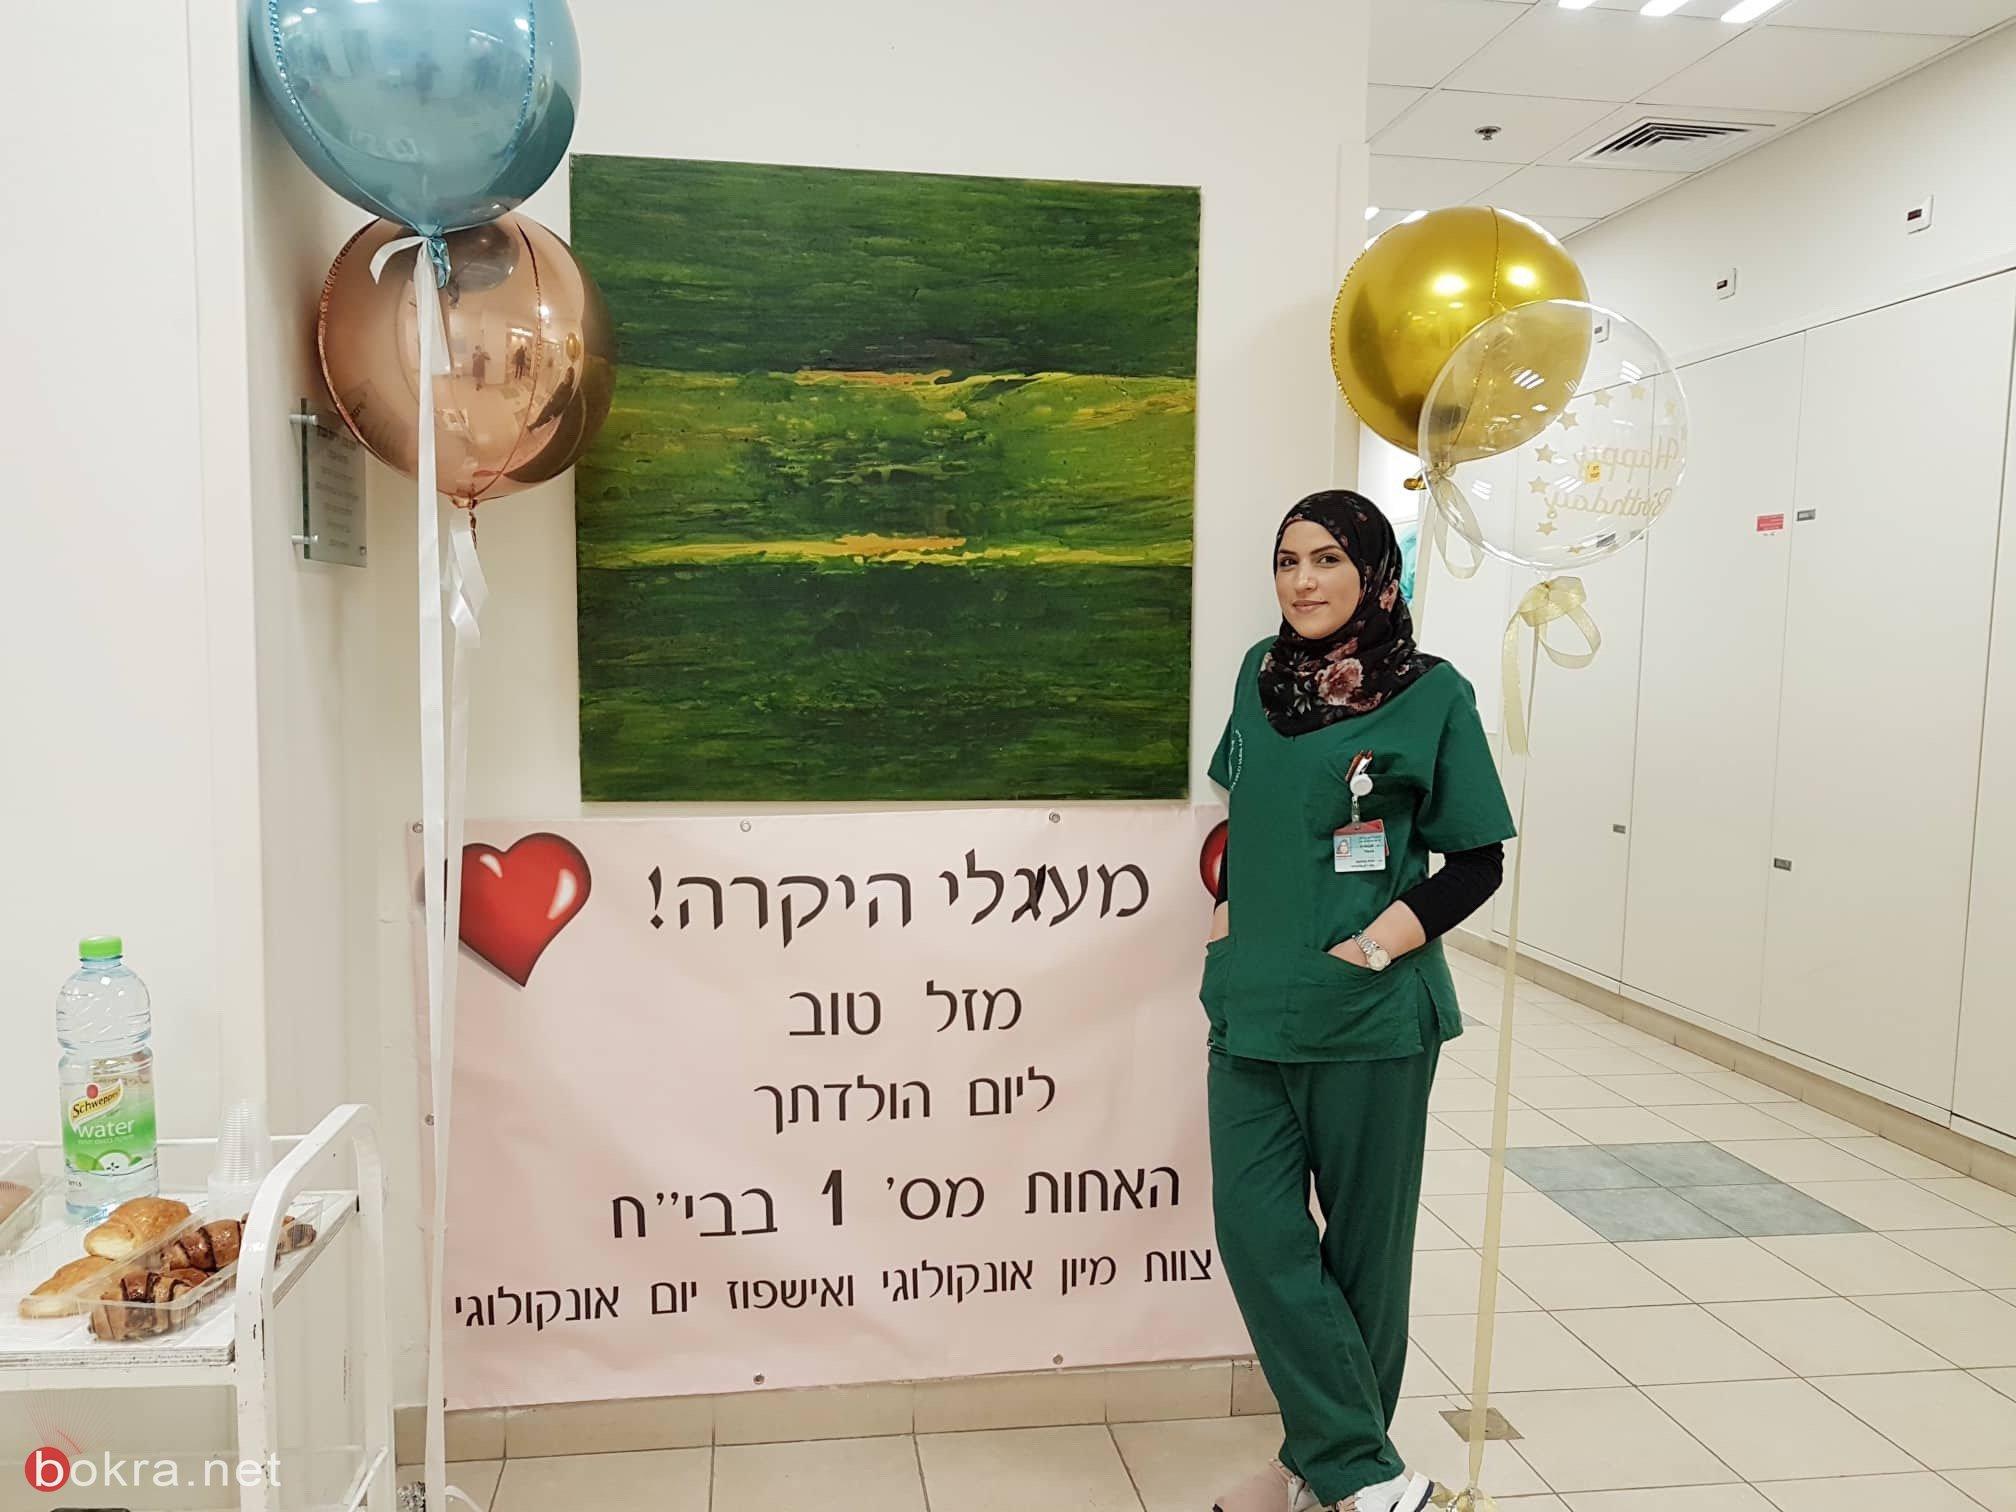 معالي اغباريّة... ممرضة (28 عاماً) تتحدّث عن التطوّع والعطاء